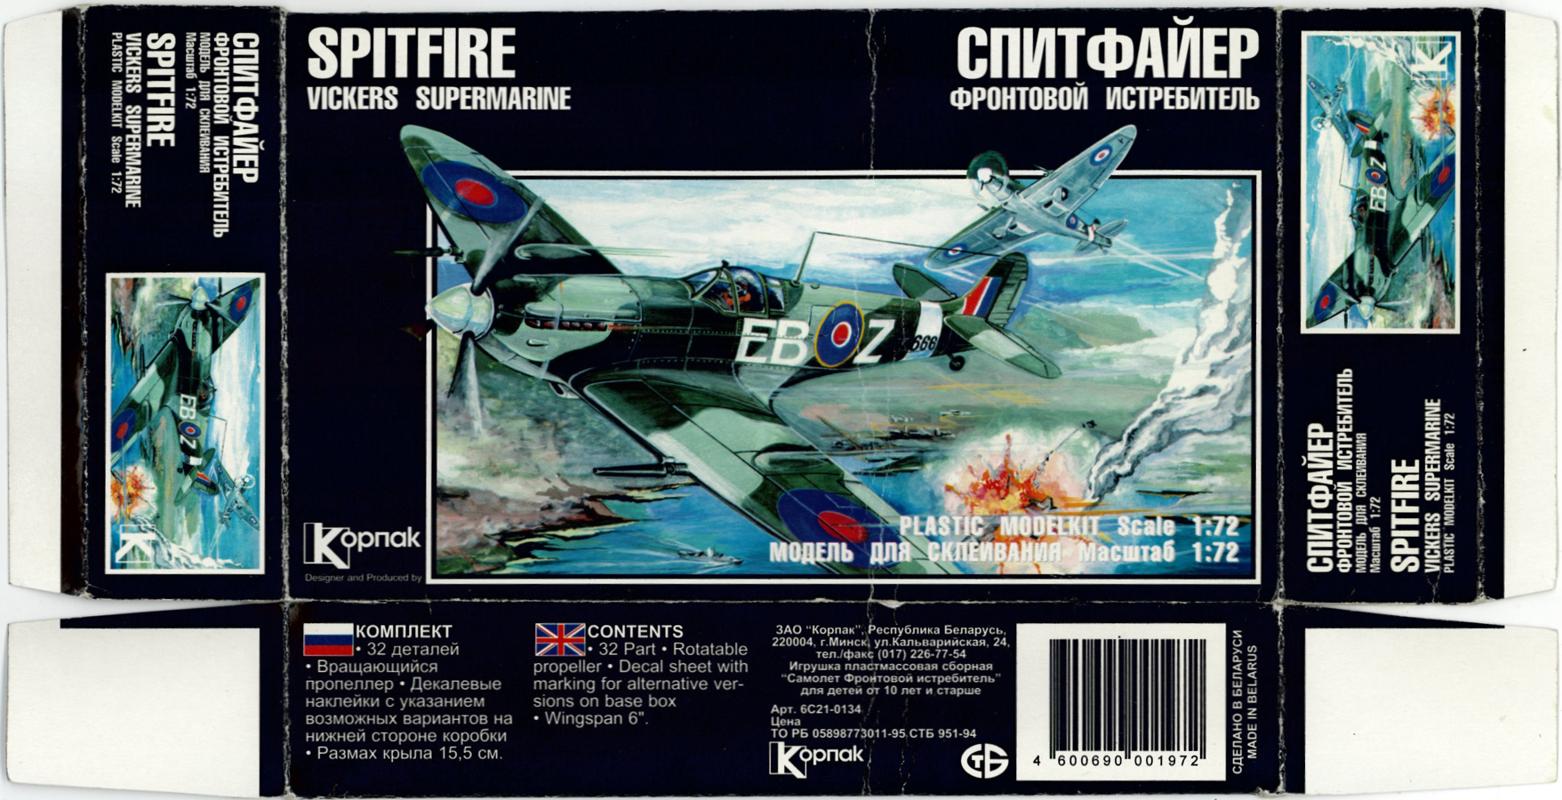 Обои Spitfire Mk.XVI, Packard Merlin 266, Royal Air Force, истребитель - бомбардировщик, американский двигатель, с каплевидным фонарём. Авиация foto 2